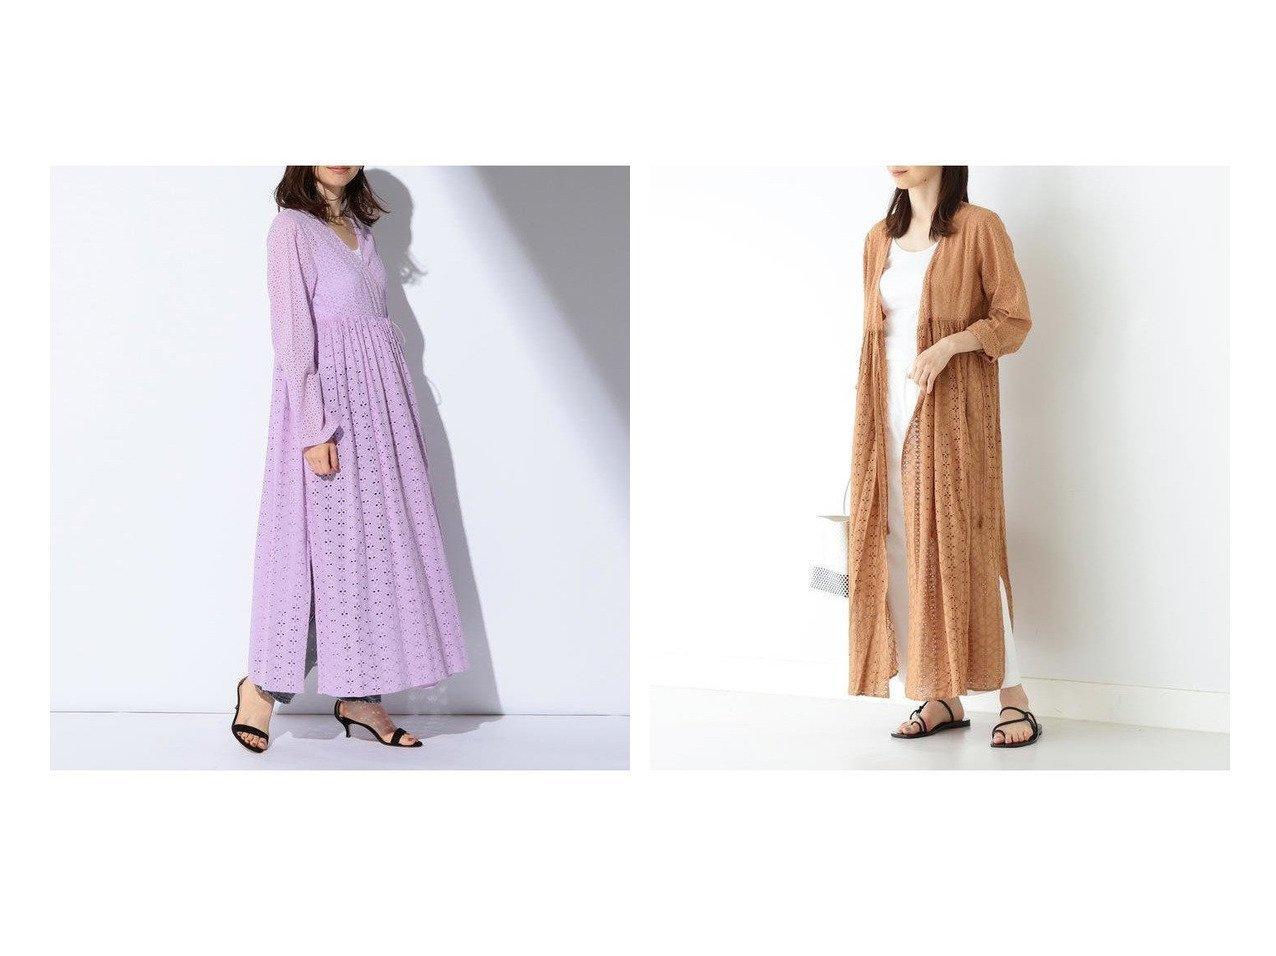 【Demi-Luxe BEAMS/デミルクス ビームス】のHELMA ミックスガウン ワンピース 【ワンピース・ドレス】おすすめ!人気、トレンド・レディースファッションの通販 おすすめで人気の流行・トレンド、ファッションの通販商品 メンズファッション・キッズファッション・インテリア・家具・レディースファッション・服の通販 founy(ファニー) https://founy.com/ ファッション Fashion レディースファッション WOMEN ワンピース Dress インド ガウン 定番 Standard ネップ ファブリック フロント ミックス |ID:crp329100000037689